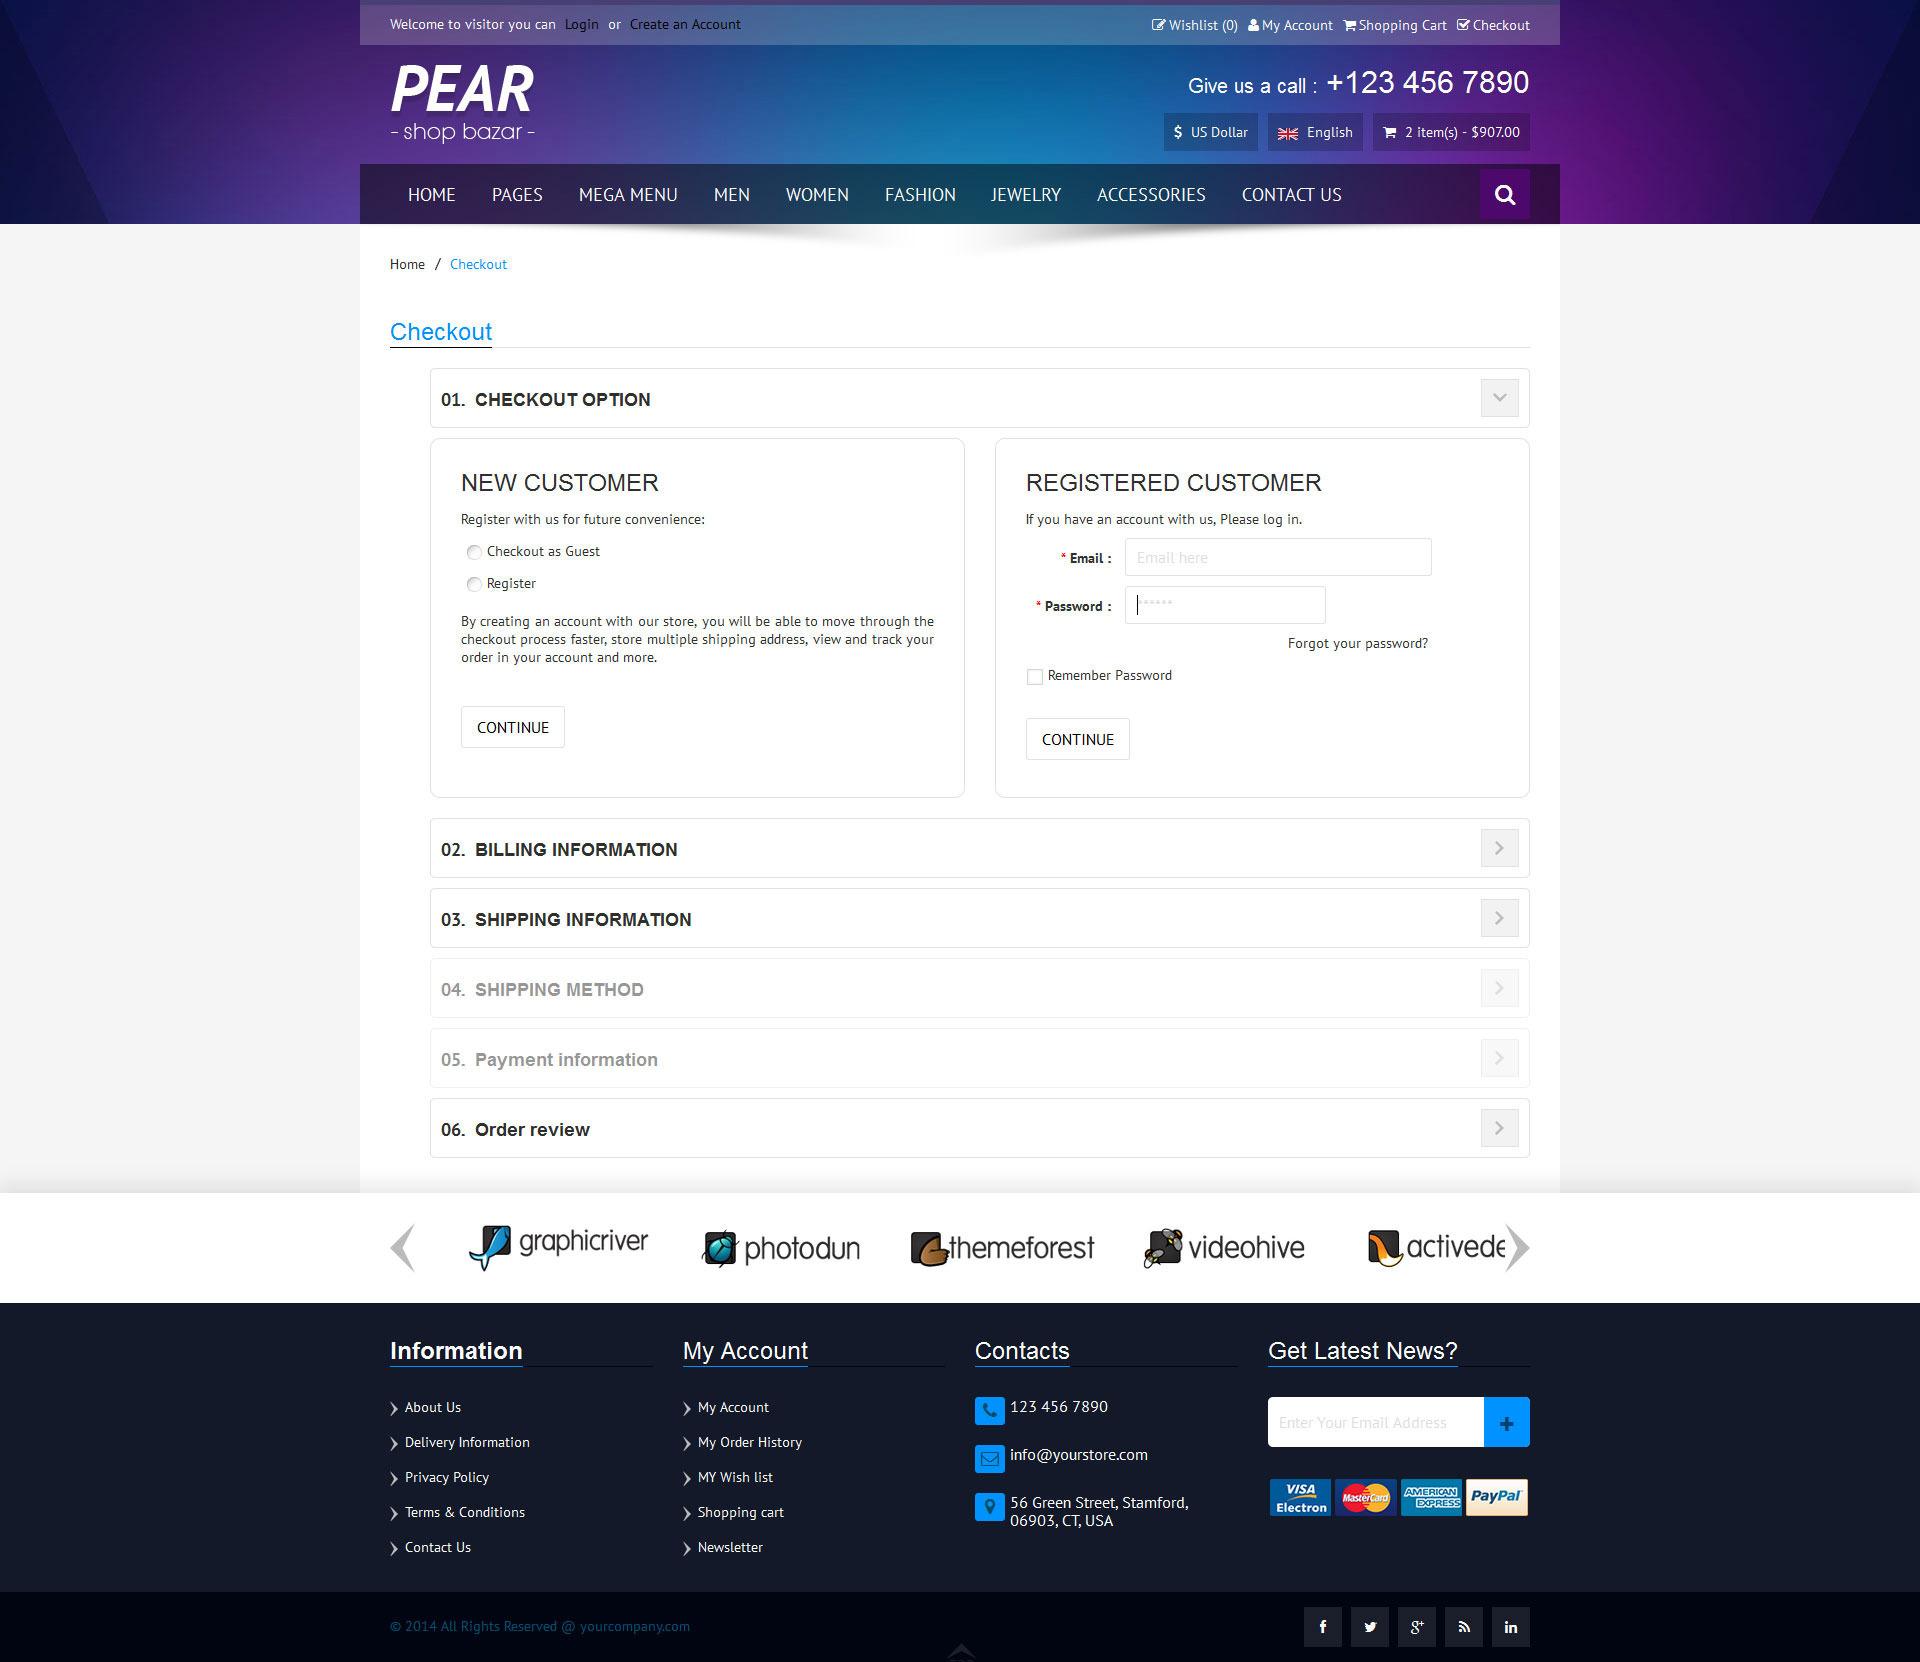 Pear - Responsive E-Commerce HTML Template V1 2